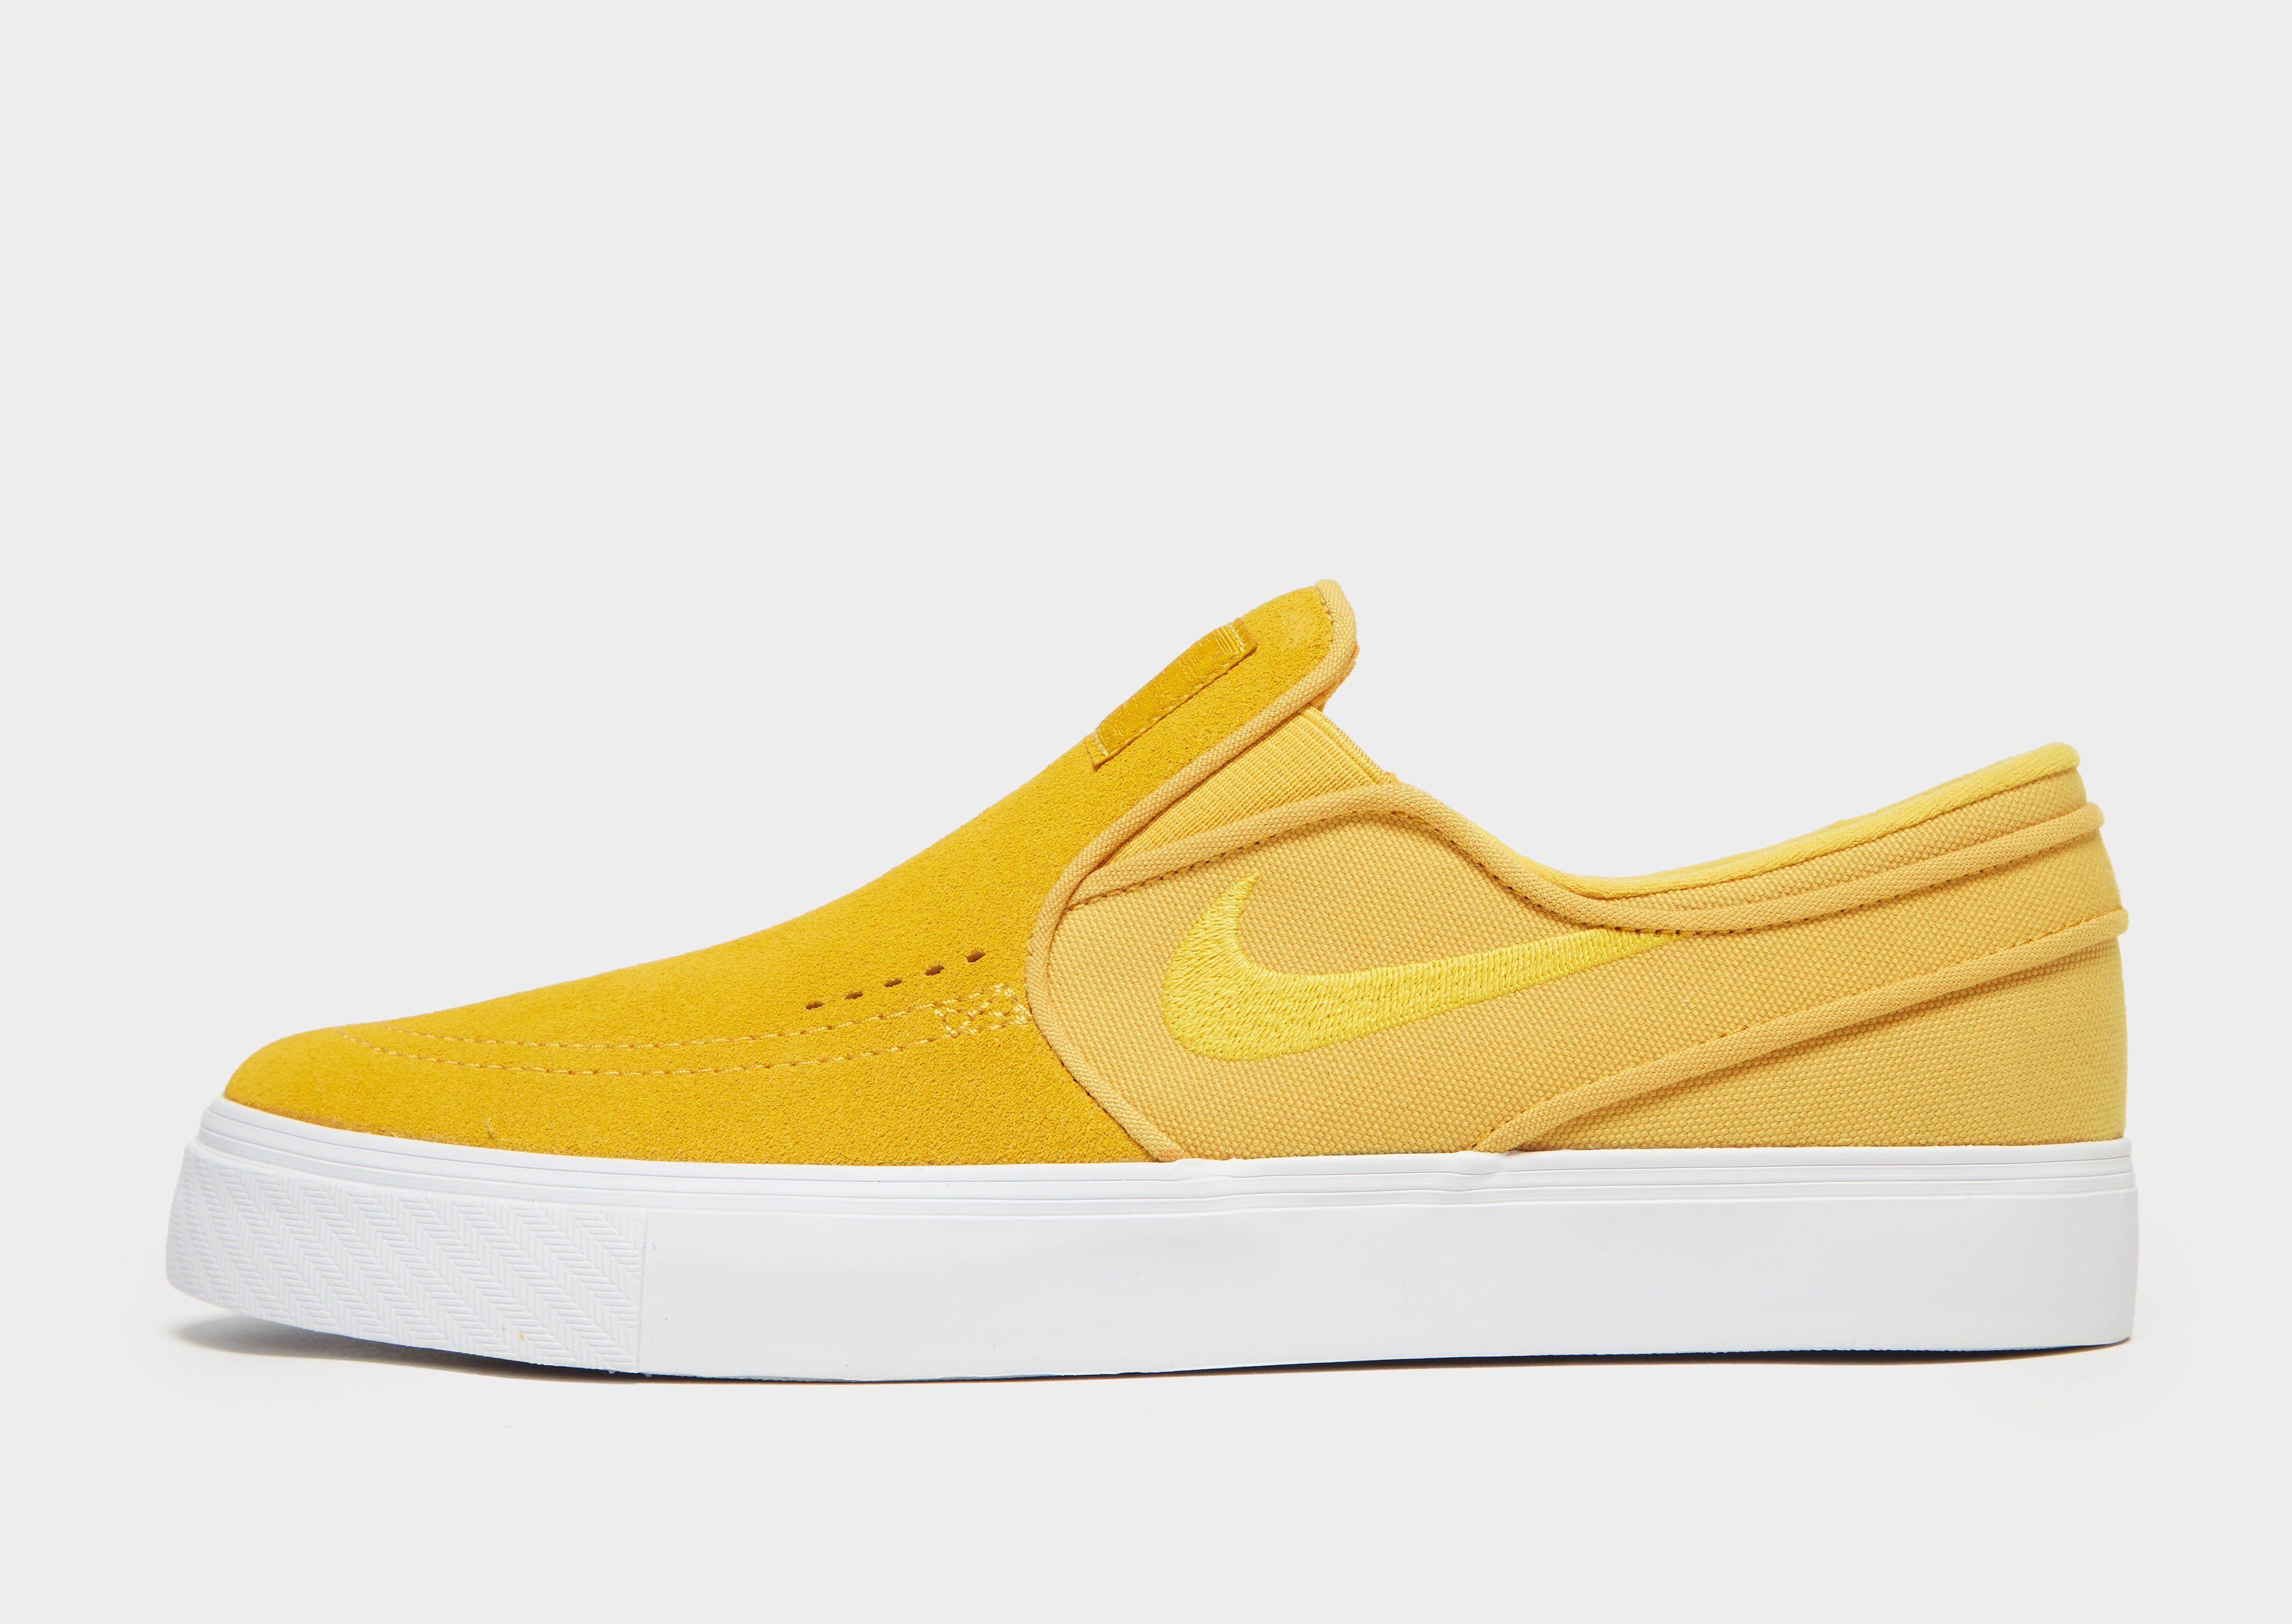 61eee0f30942 Nike SB Stefan Janoski Slip-On